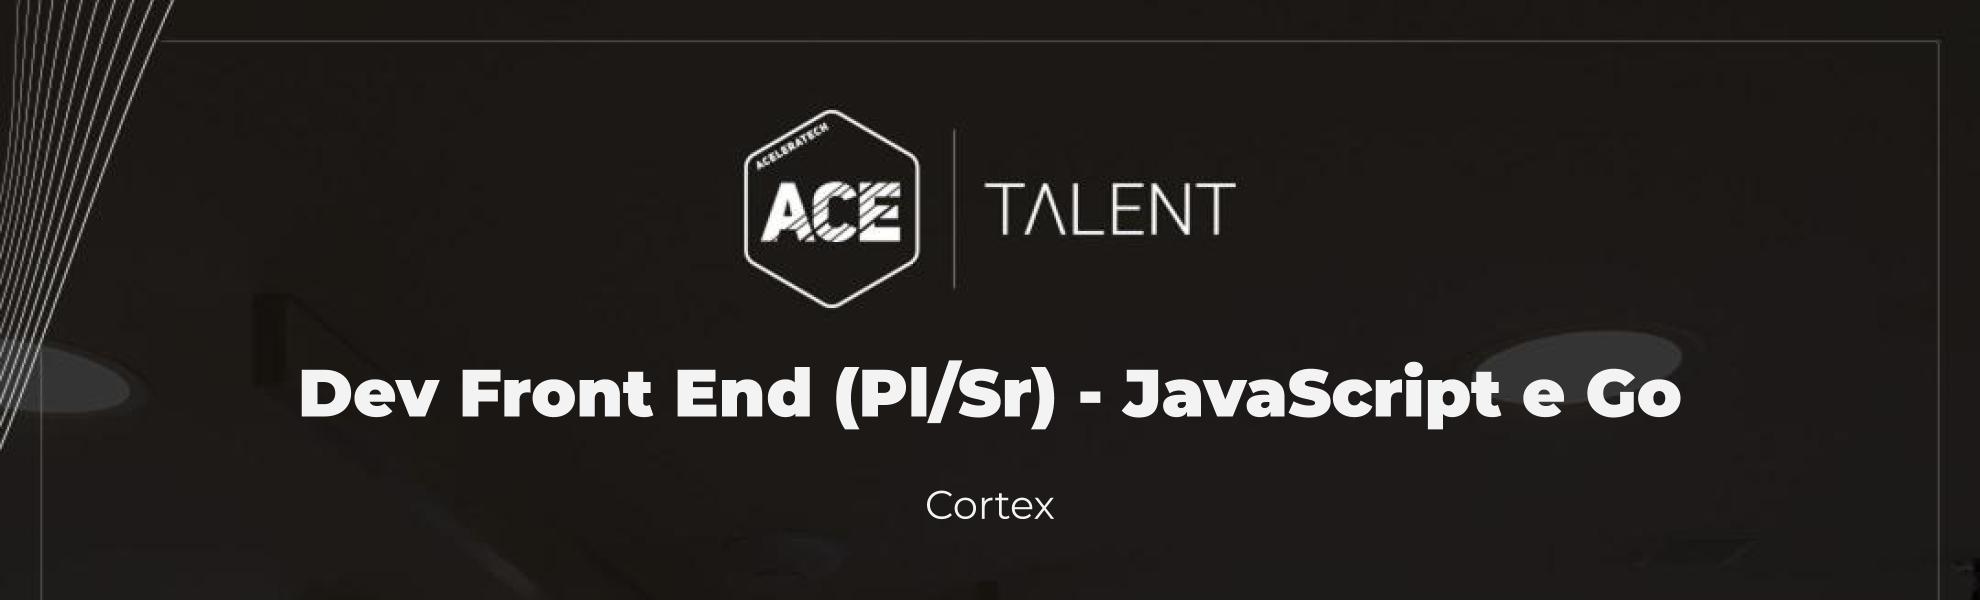 Desenvolvedor (a) Front End (Pl. & Sr.) - JavaScript e Go